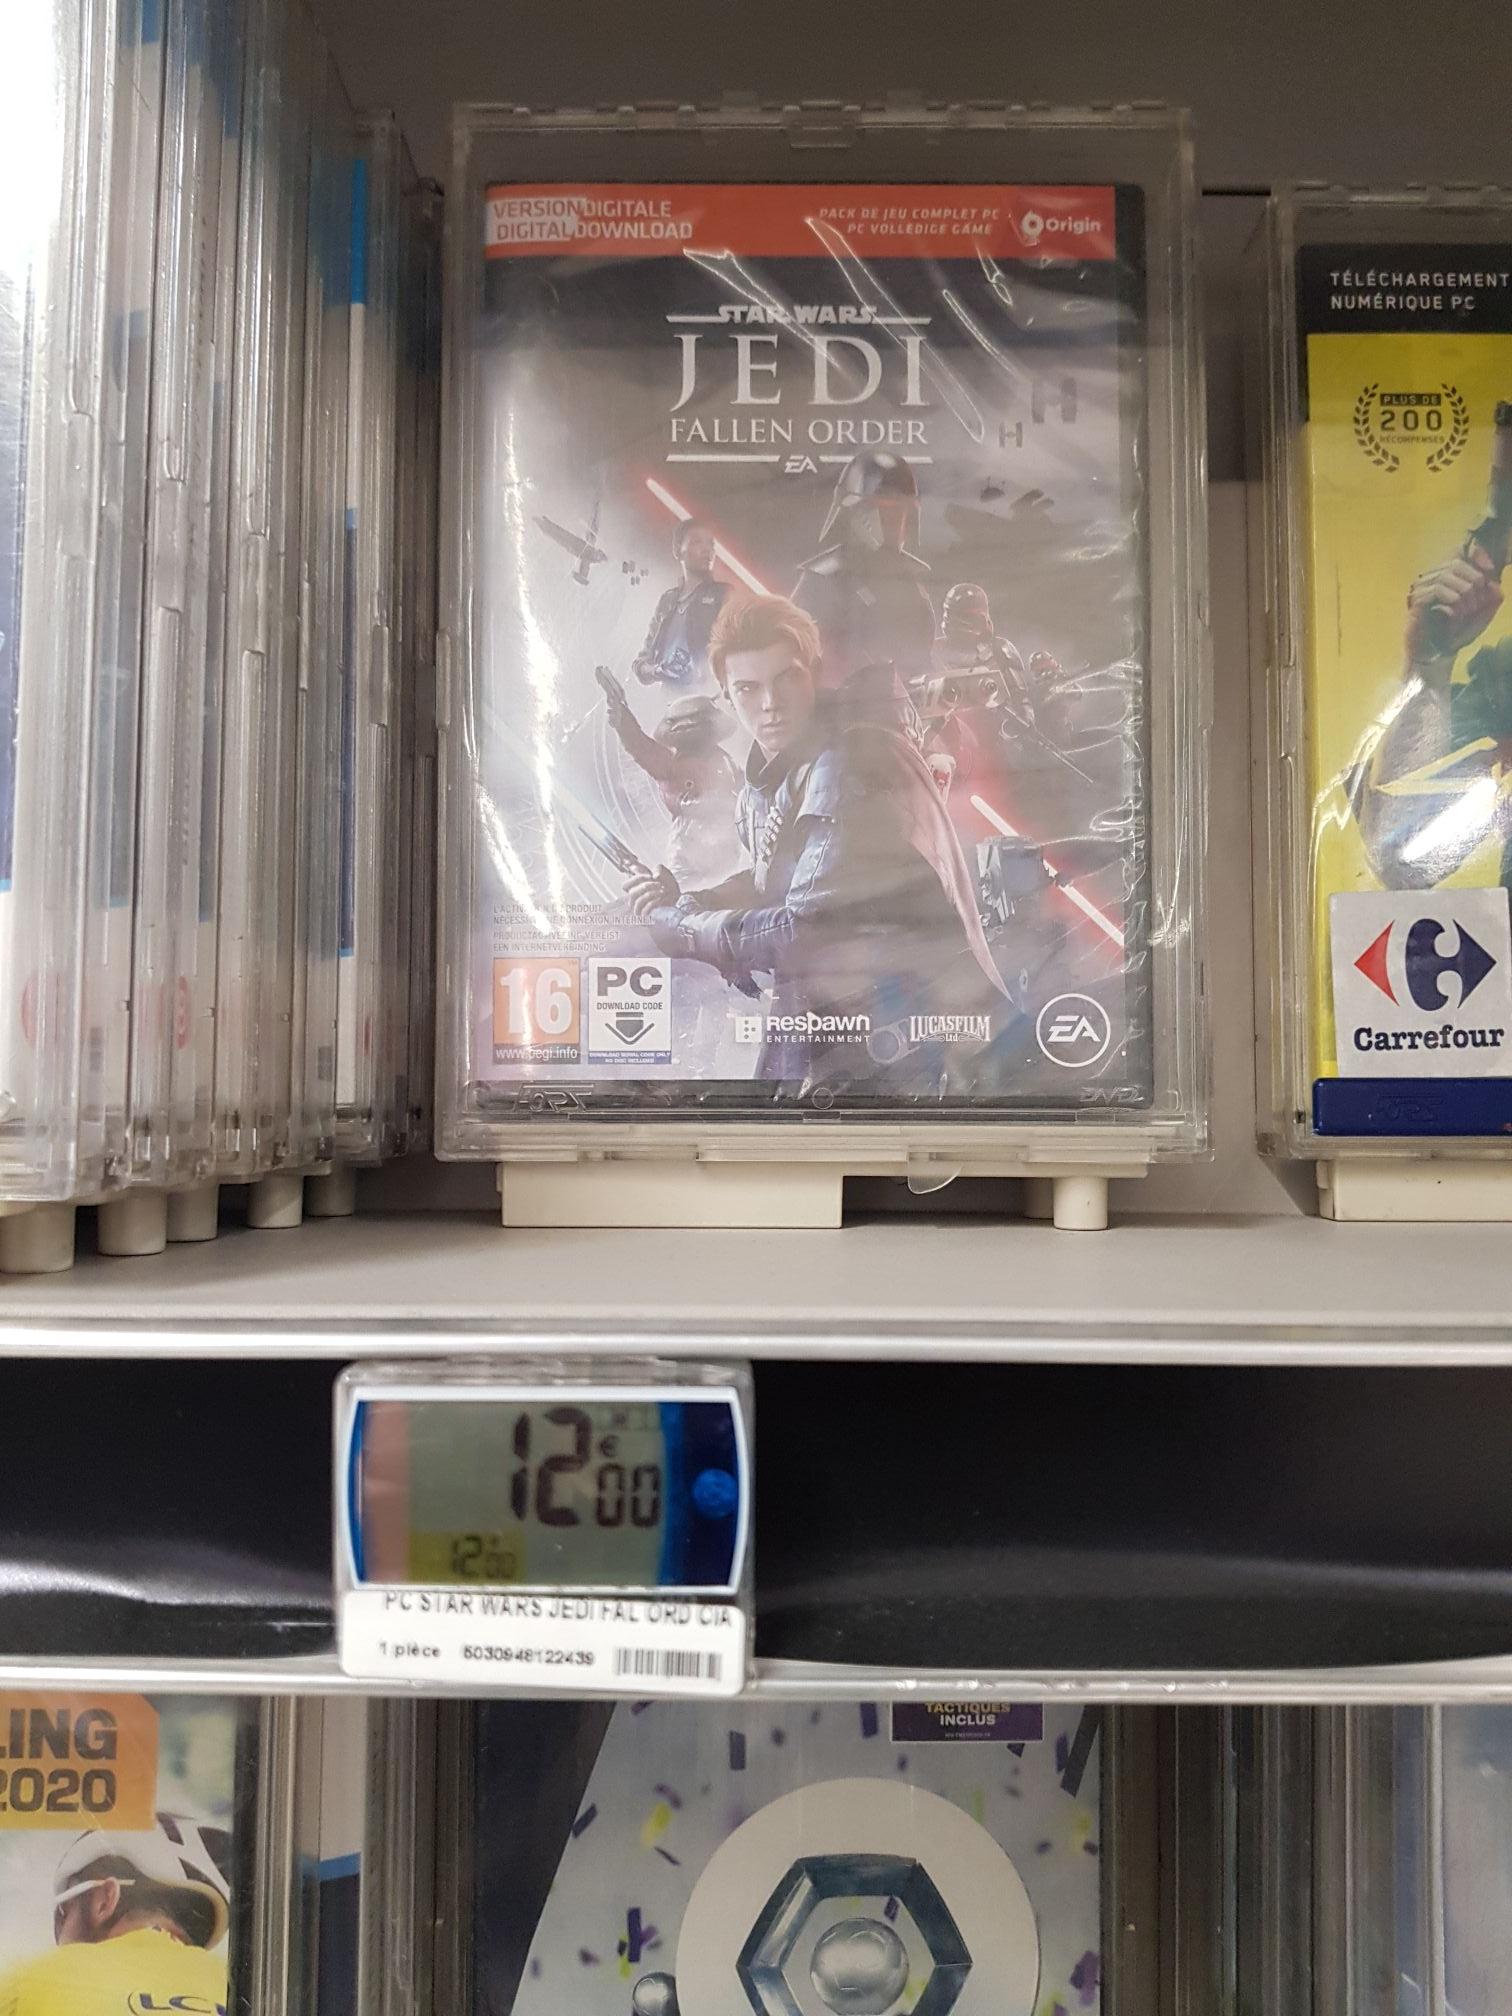 Sélection de jeux PC en promotion - Ex: Star Wars Jedi Fallen Order - St Jean de Vedas (34) / Wasquehal (59) / Quimper (29)